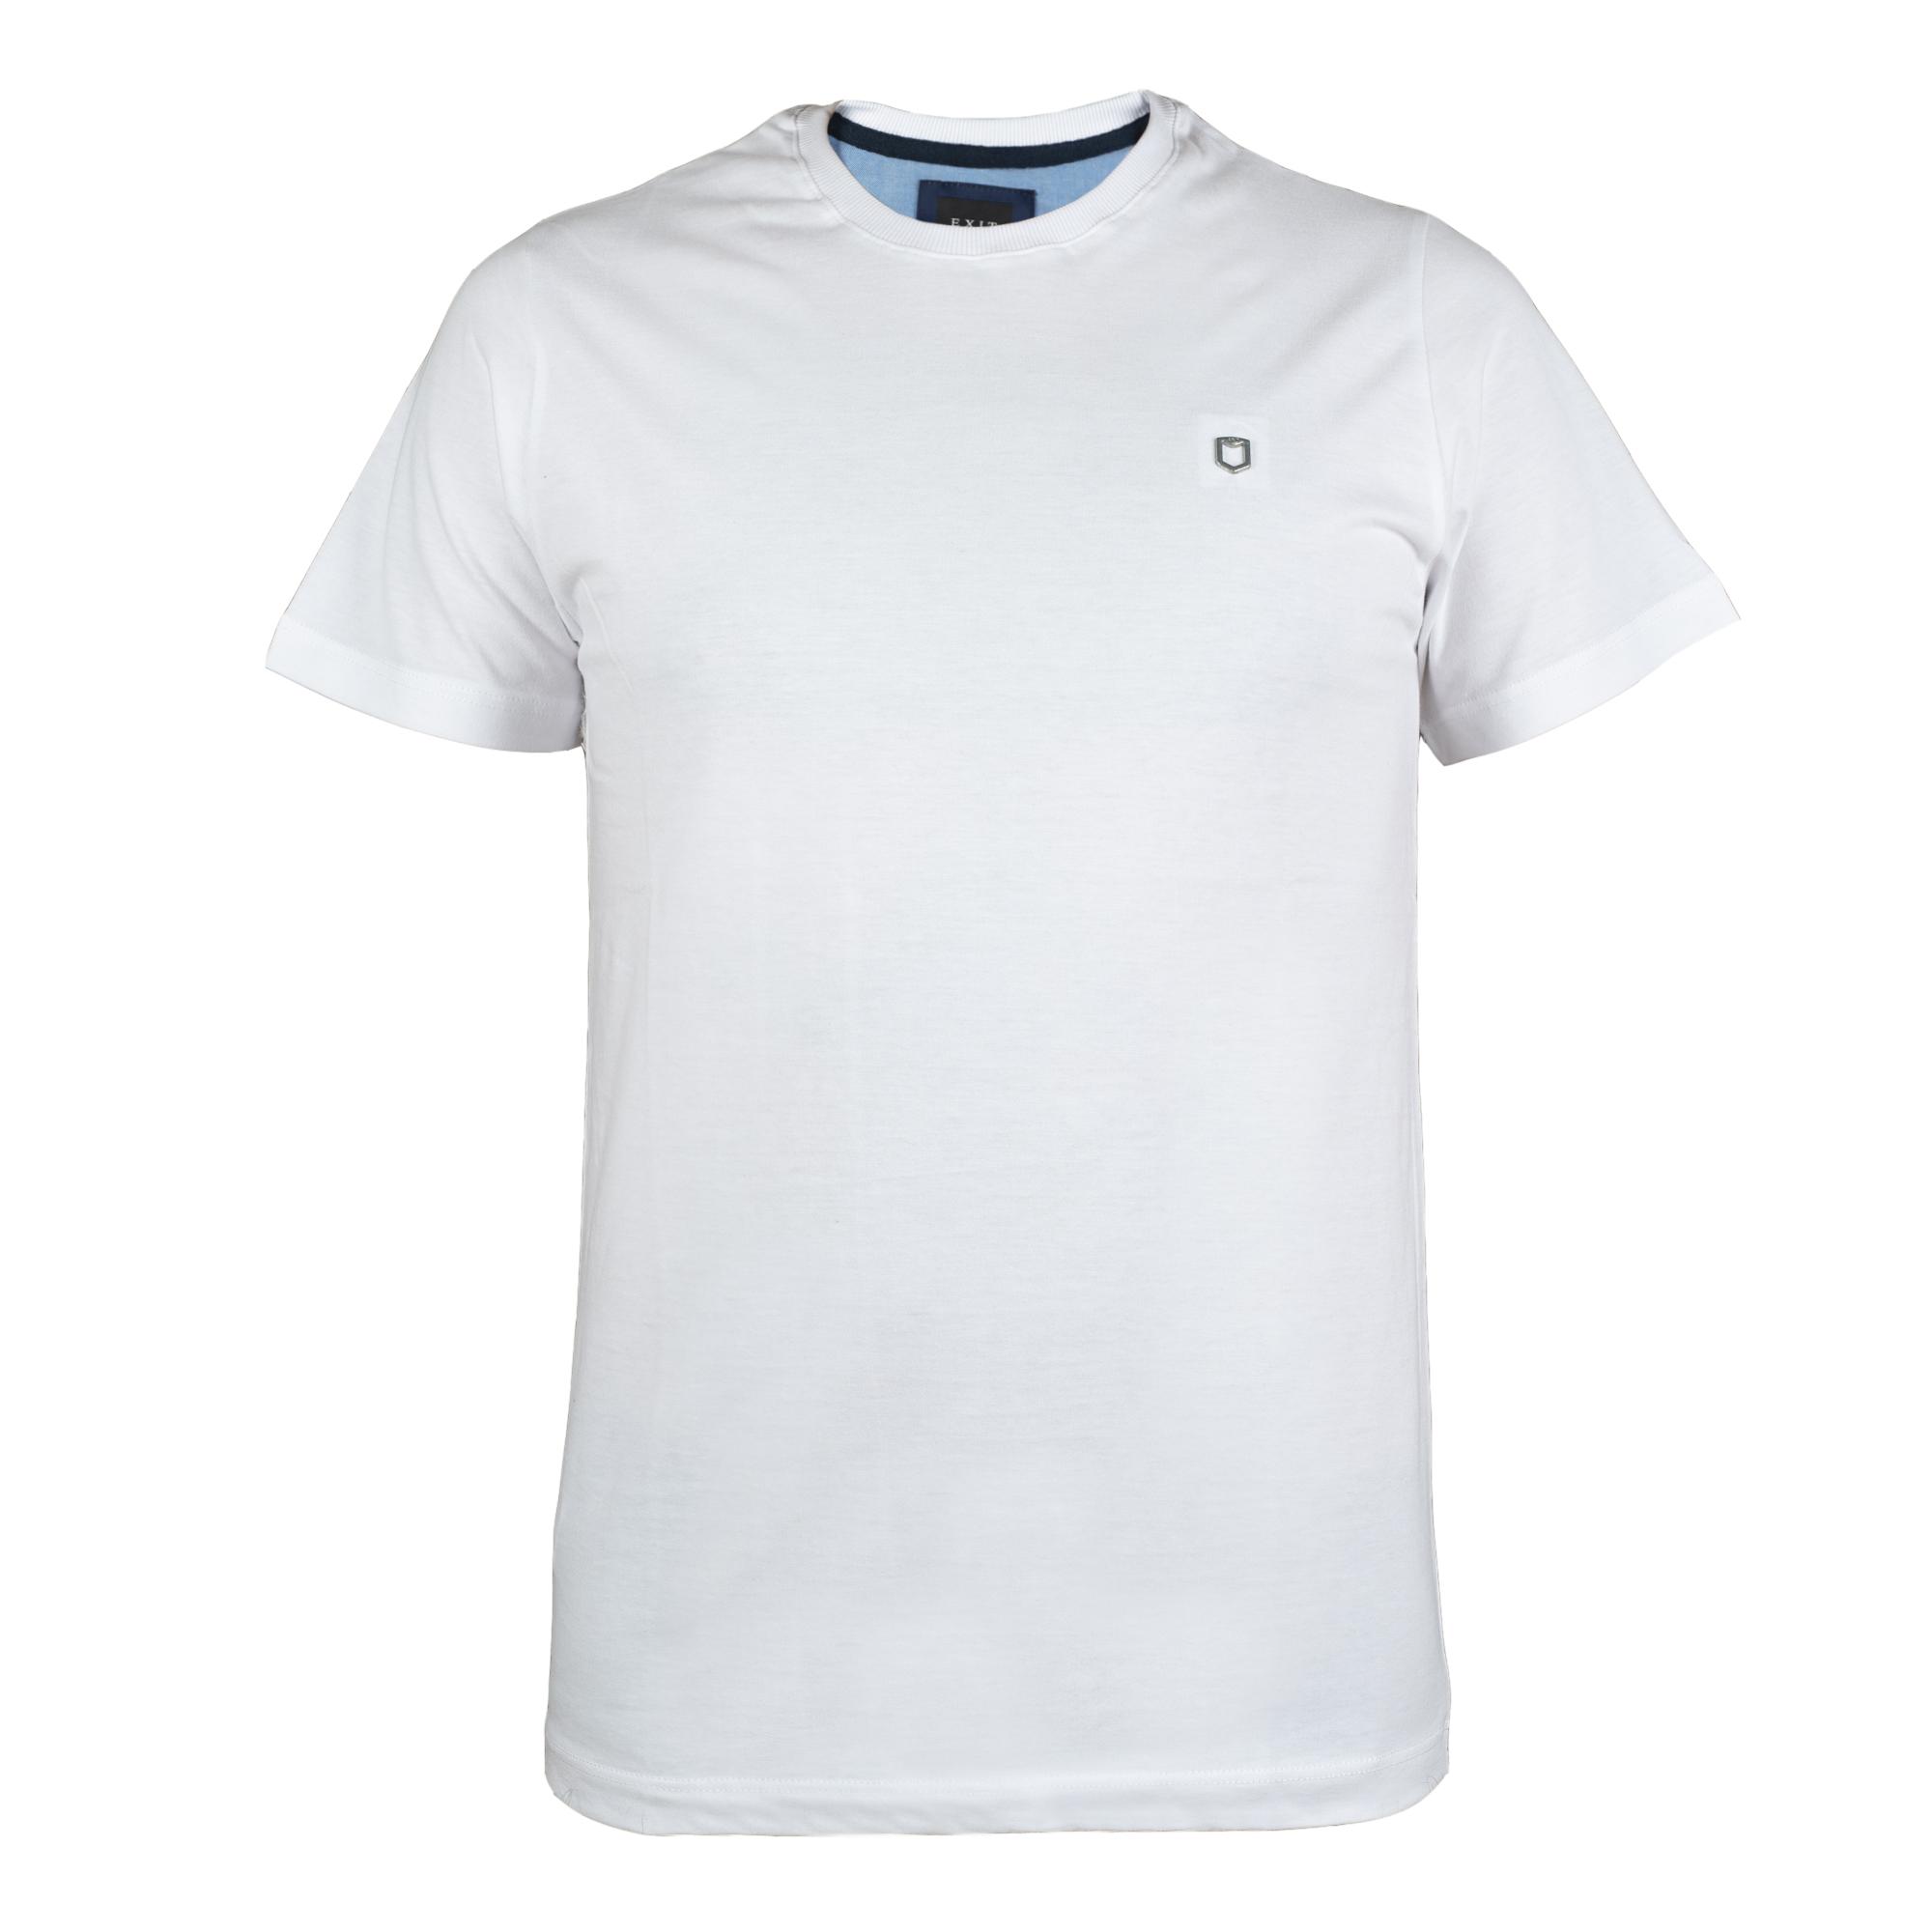 تی شرت مردانه اگزیت مدل T-Shirt-829-041 رنگ سفید